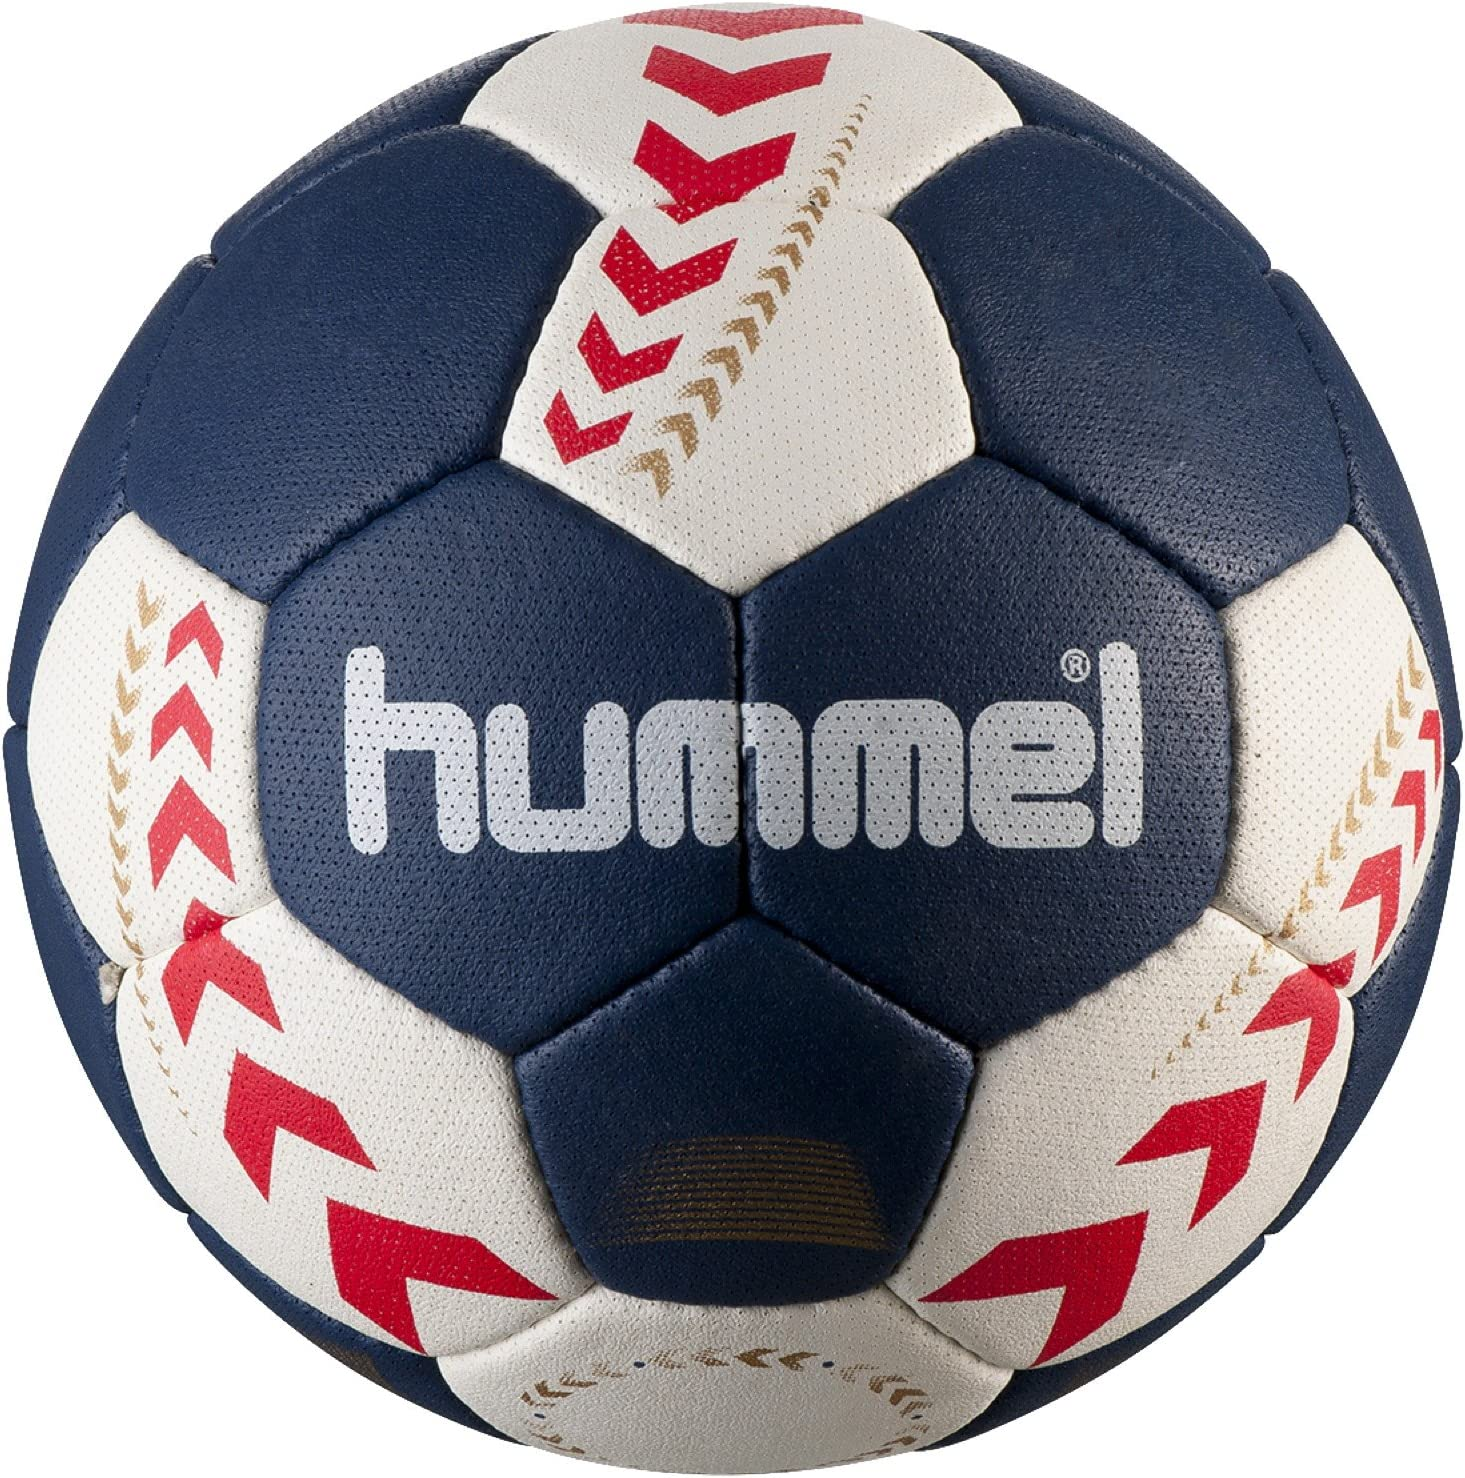 Ballon Hummel Club Vortex Taille 3